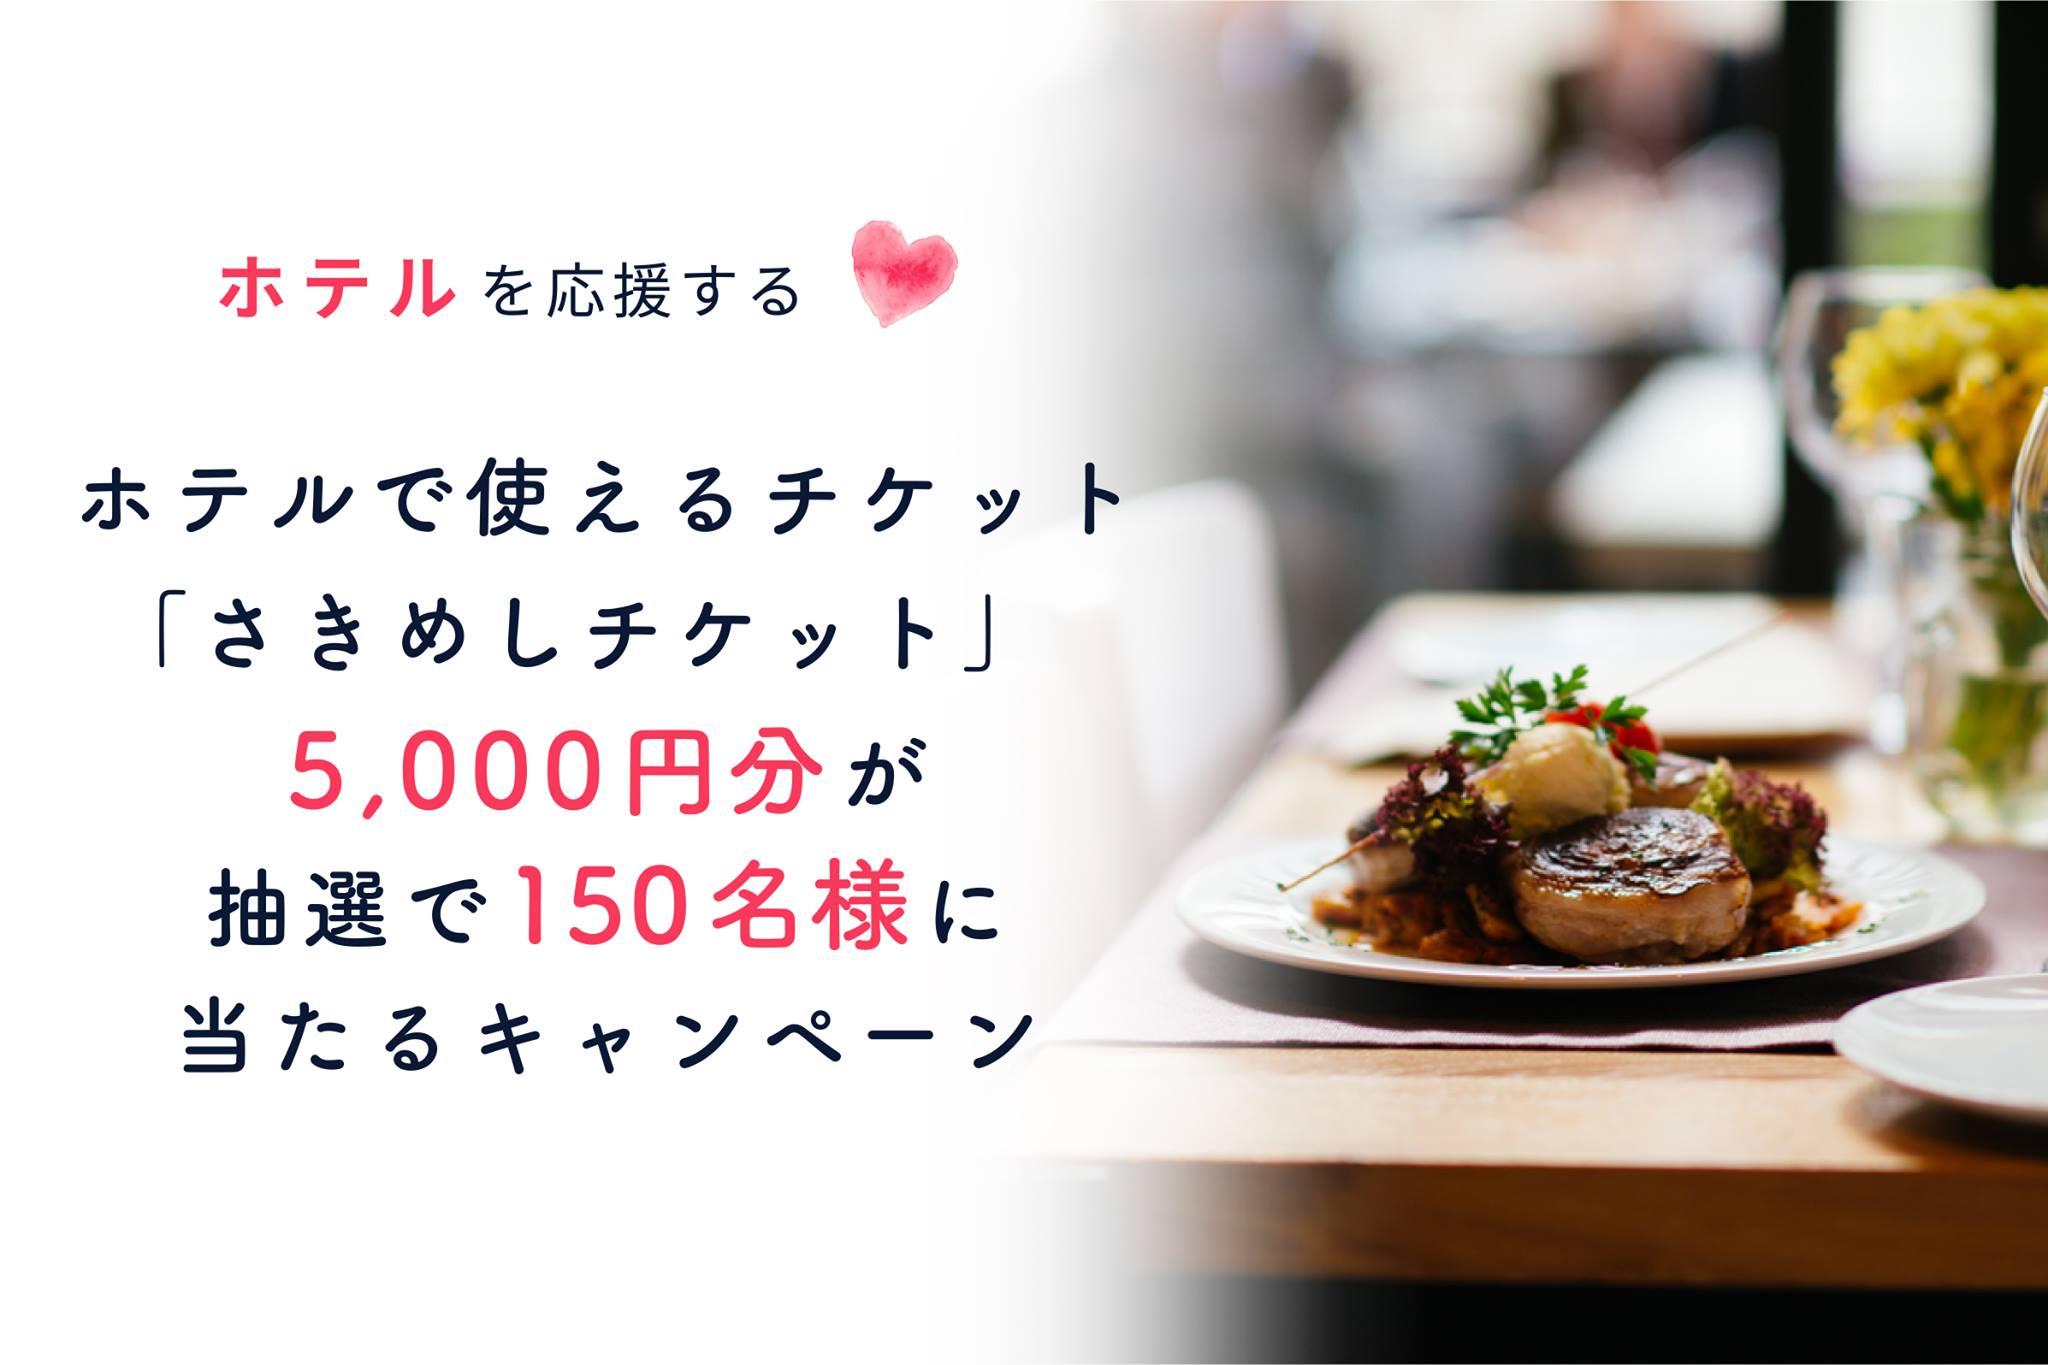 東京ガス : ◇抽選で「さきめしチケット」が当たる◇ホテル応援 ...